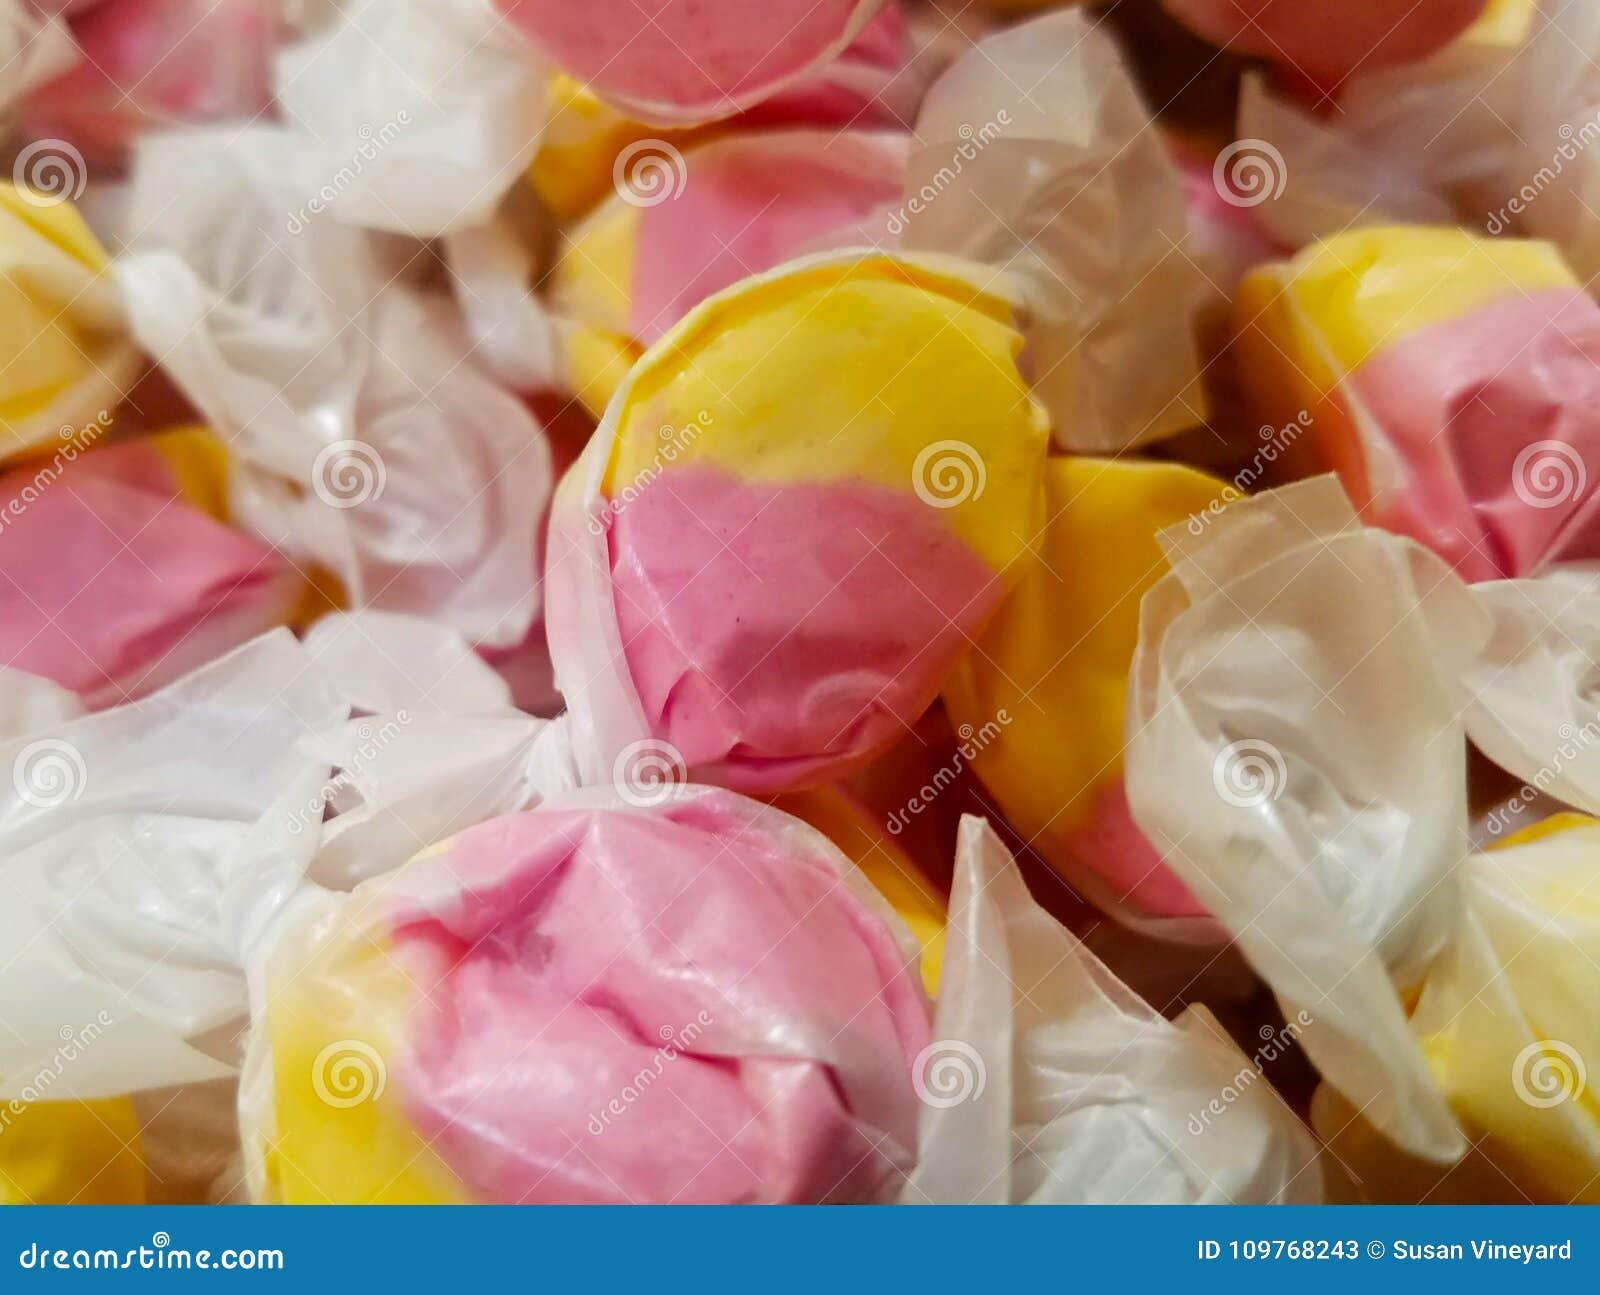 被包裹的黄色和桃红色乳脂糖糖果散装